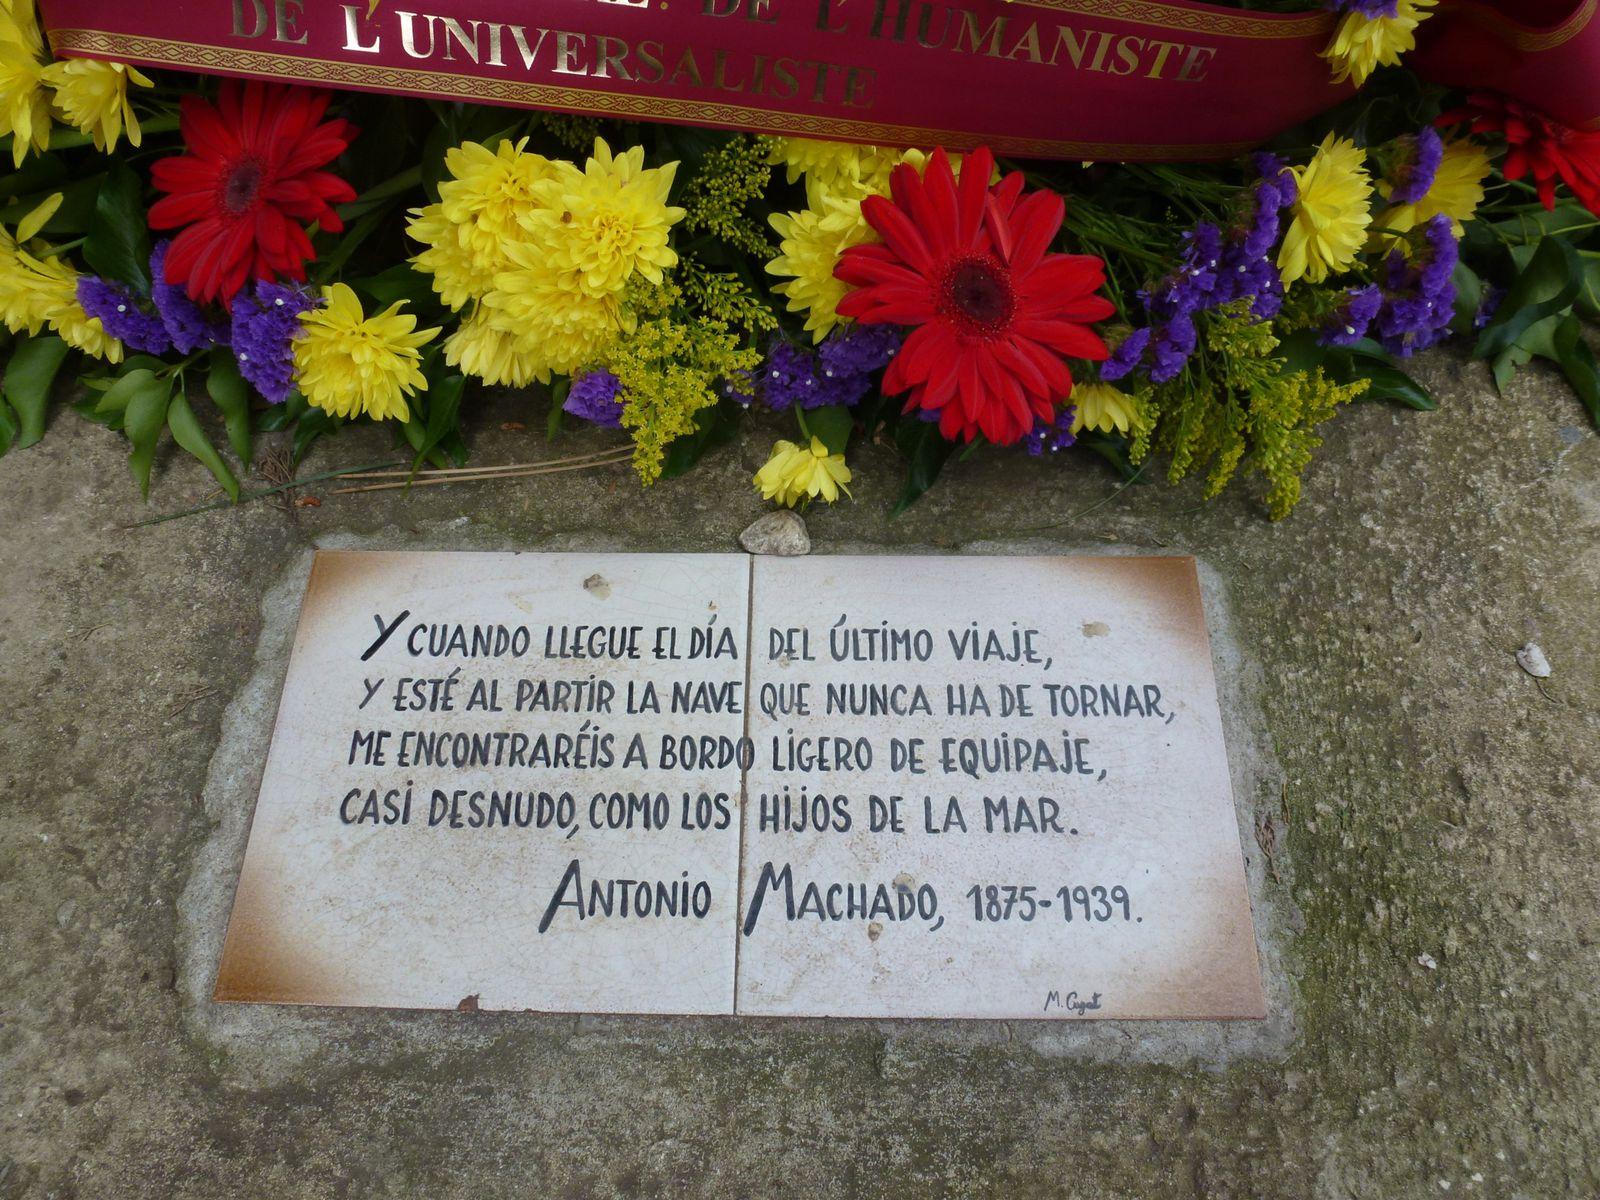 Tombe d'Antonio Machado au cimetière de Collioure (Pyrénées-Orientales).